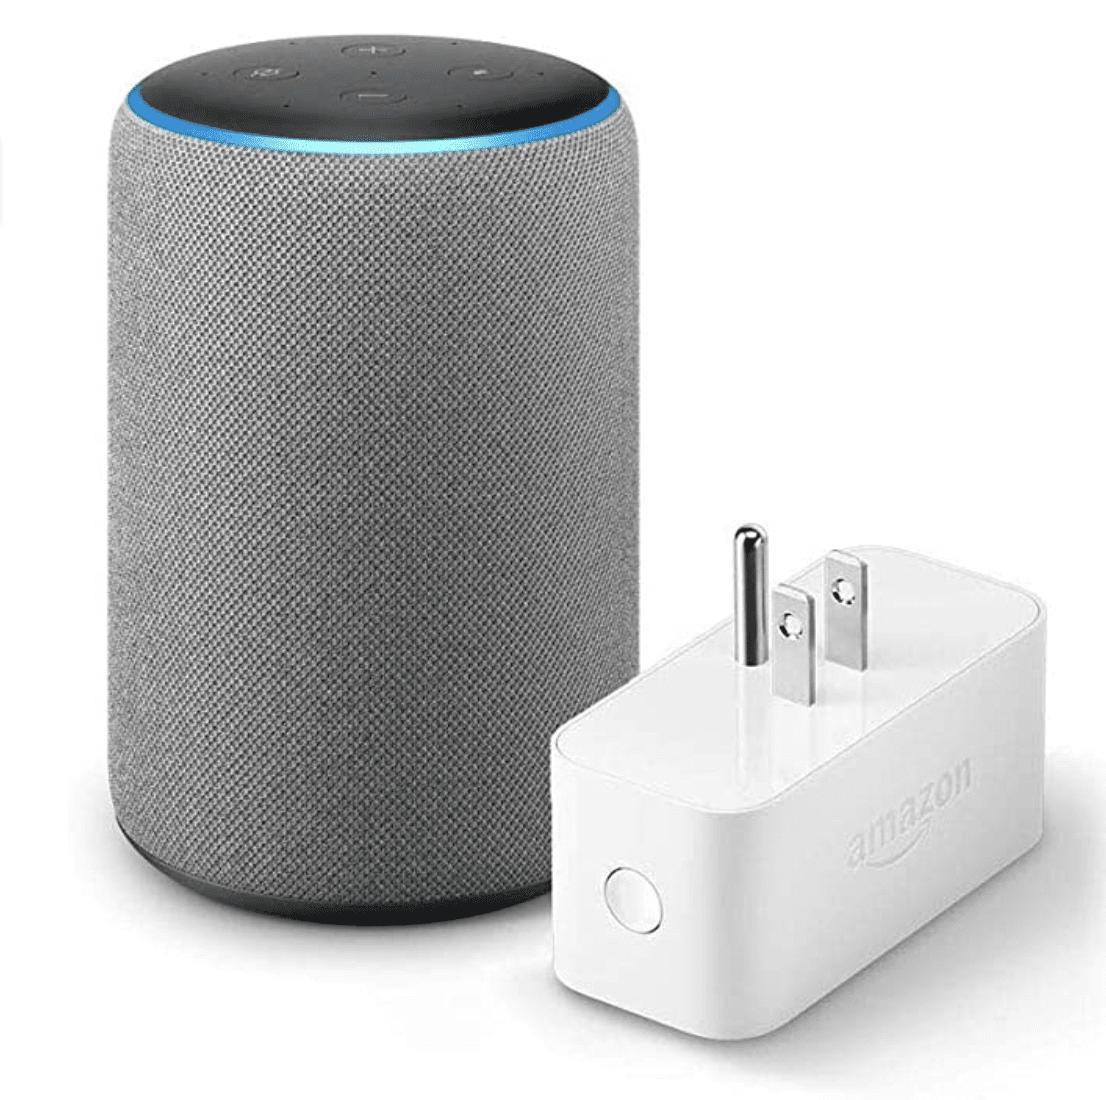 Echo Plus with Amazon Smart Plug for .99